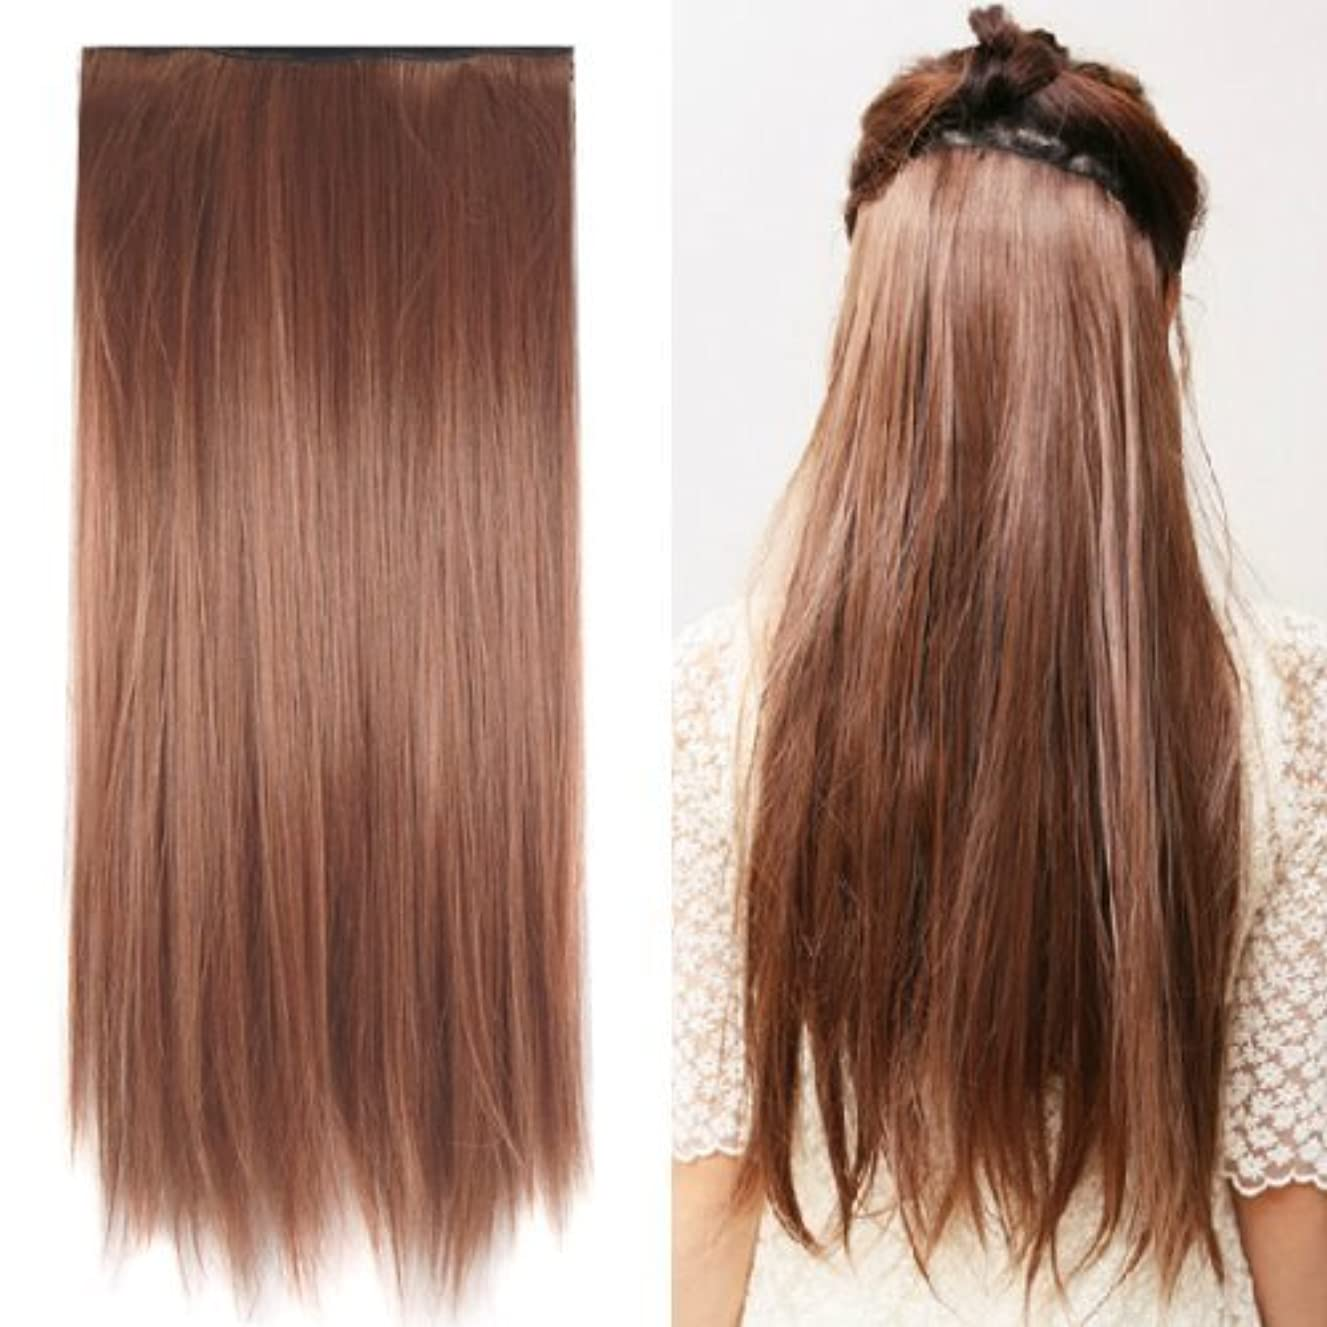 ツーリスト揮発性空港SODIAL(R) Clip in on hair Straight Tail extensions New human heat resistant fibe - Blonde